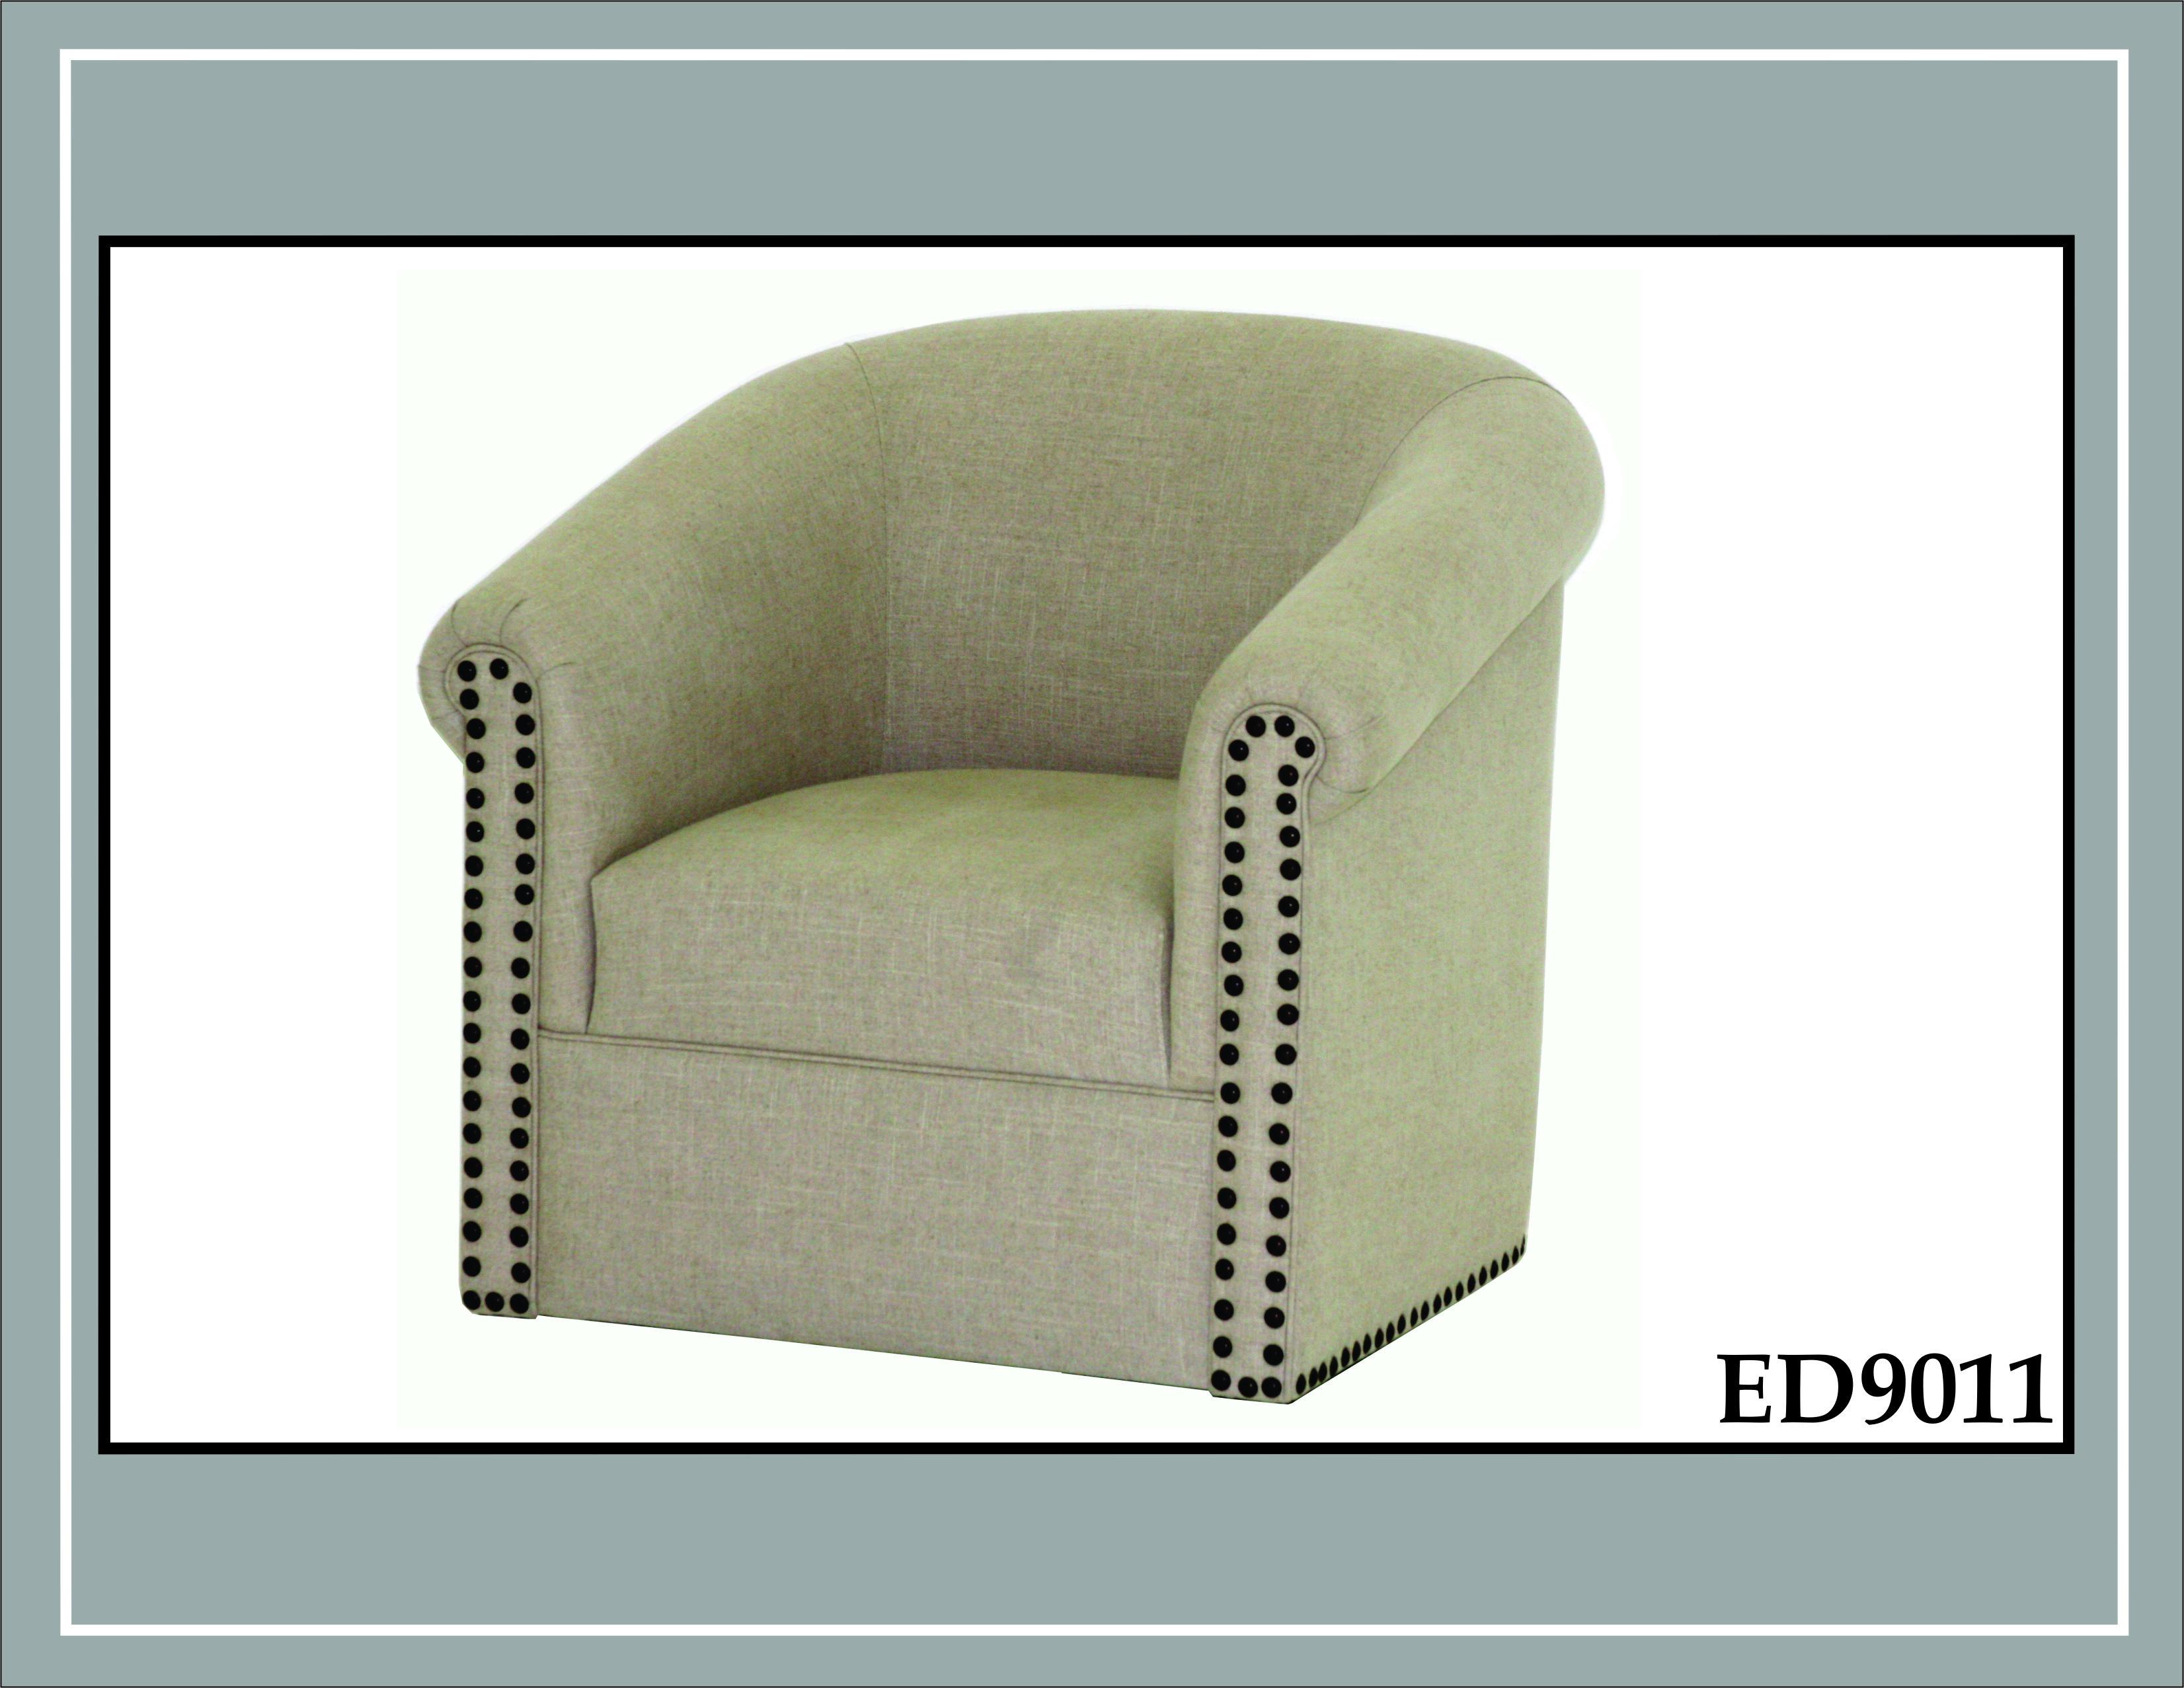 ED9011 CHAIR